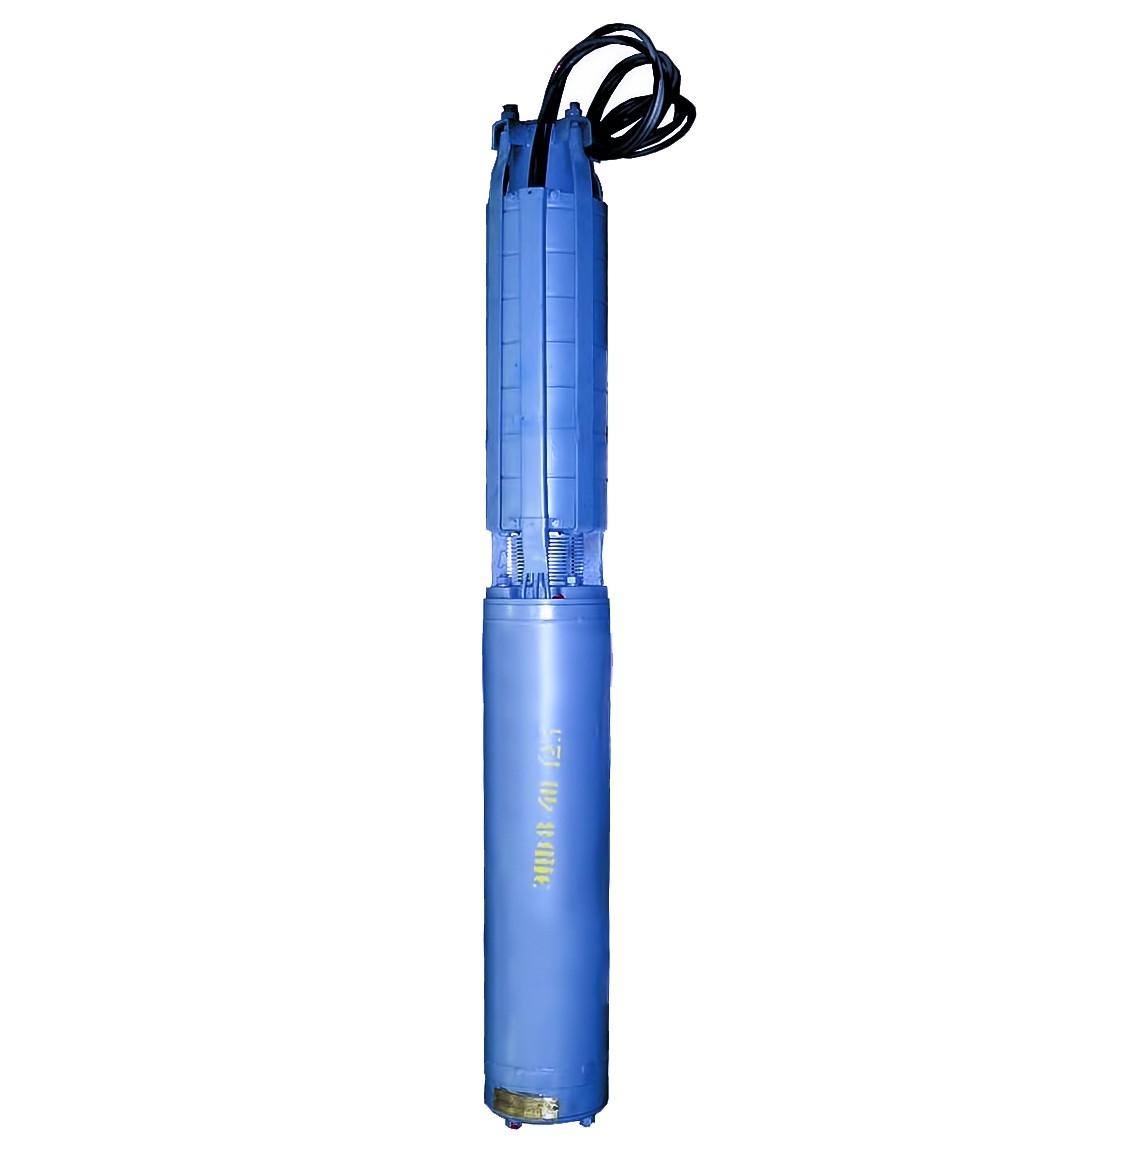 Погружной насос ЭЦВ 6-4-160 армлен